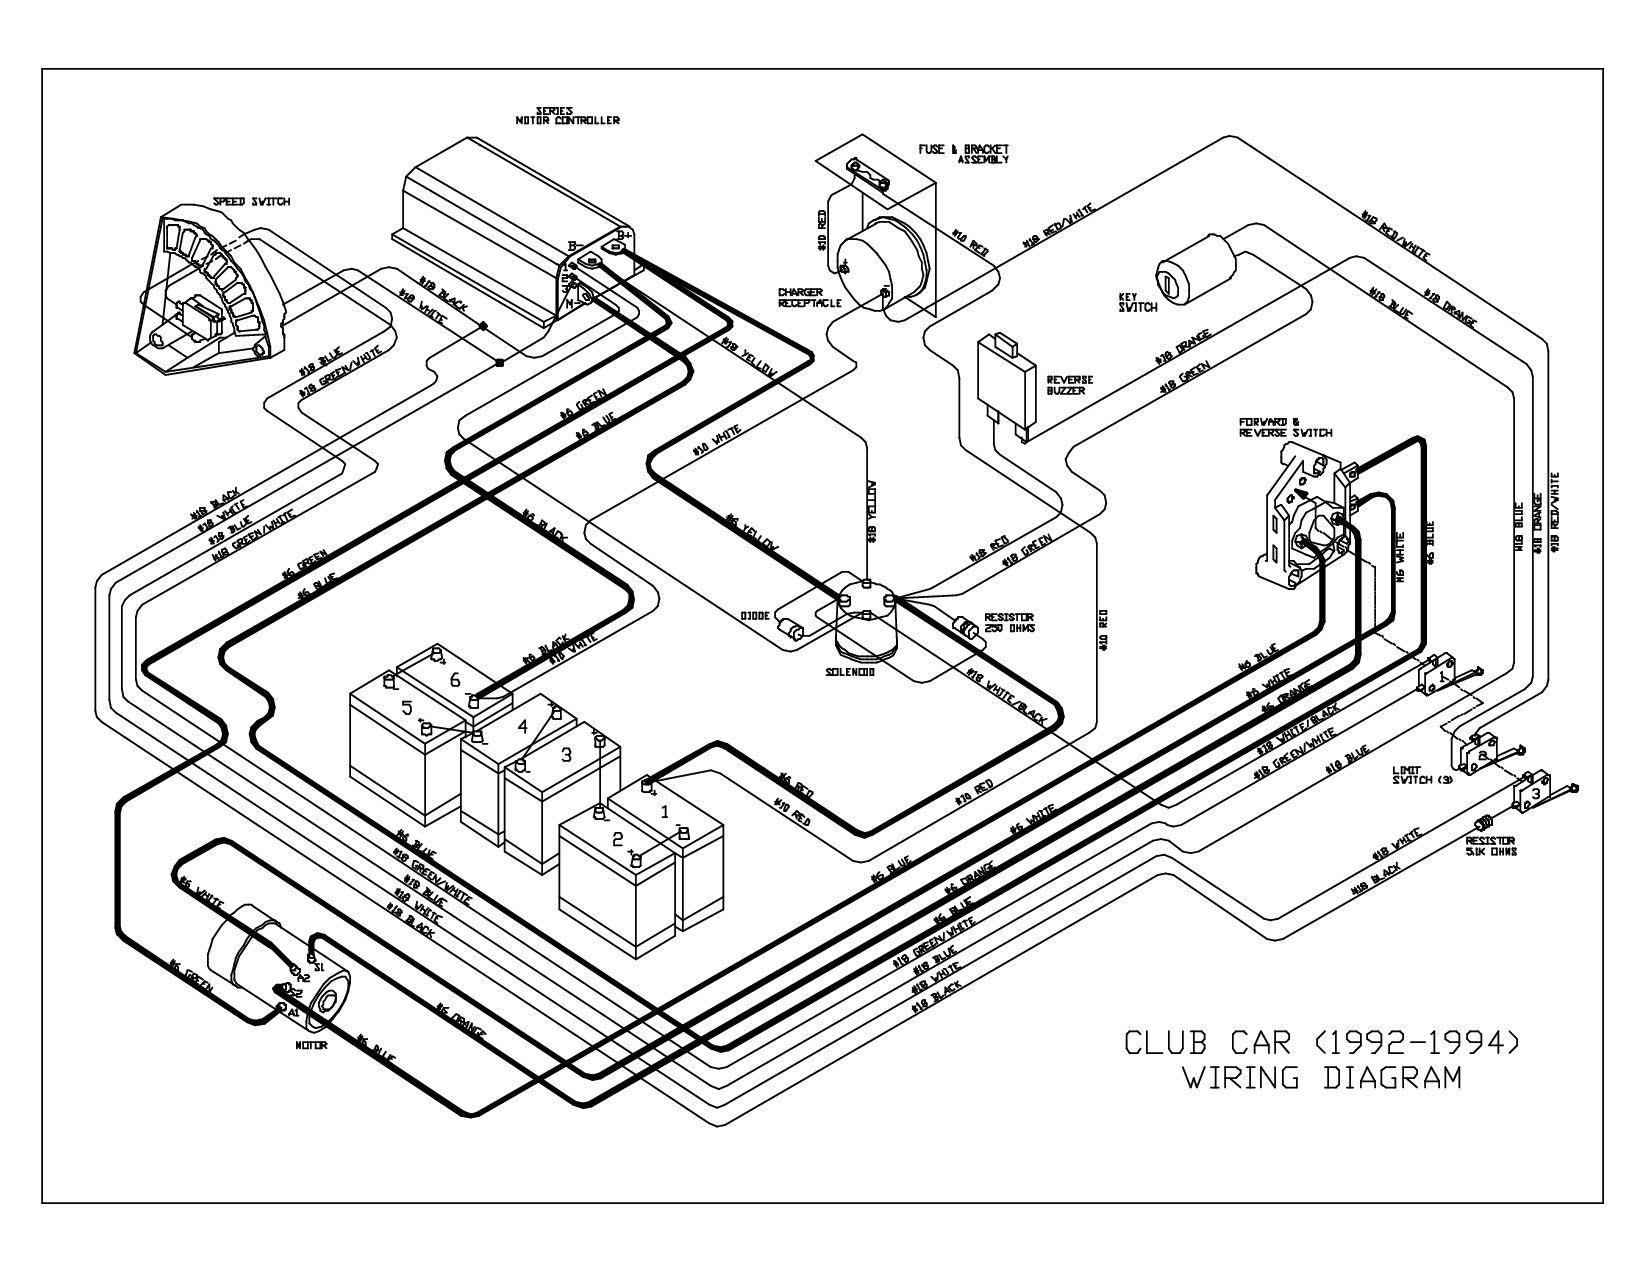 1994 ezgo gas engine wiring diagram in 2021 | club car golf cart, electric golf  cart, ezgo golf cart  pinterest